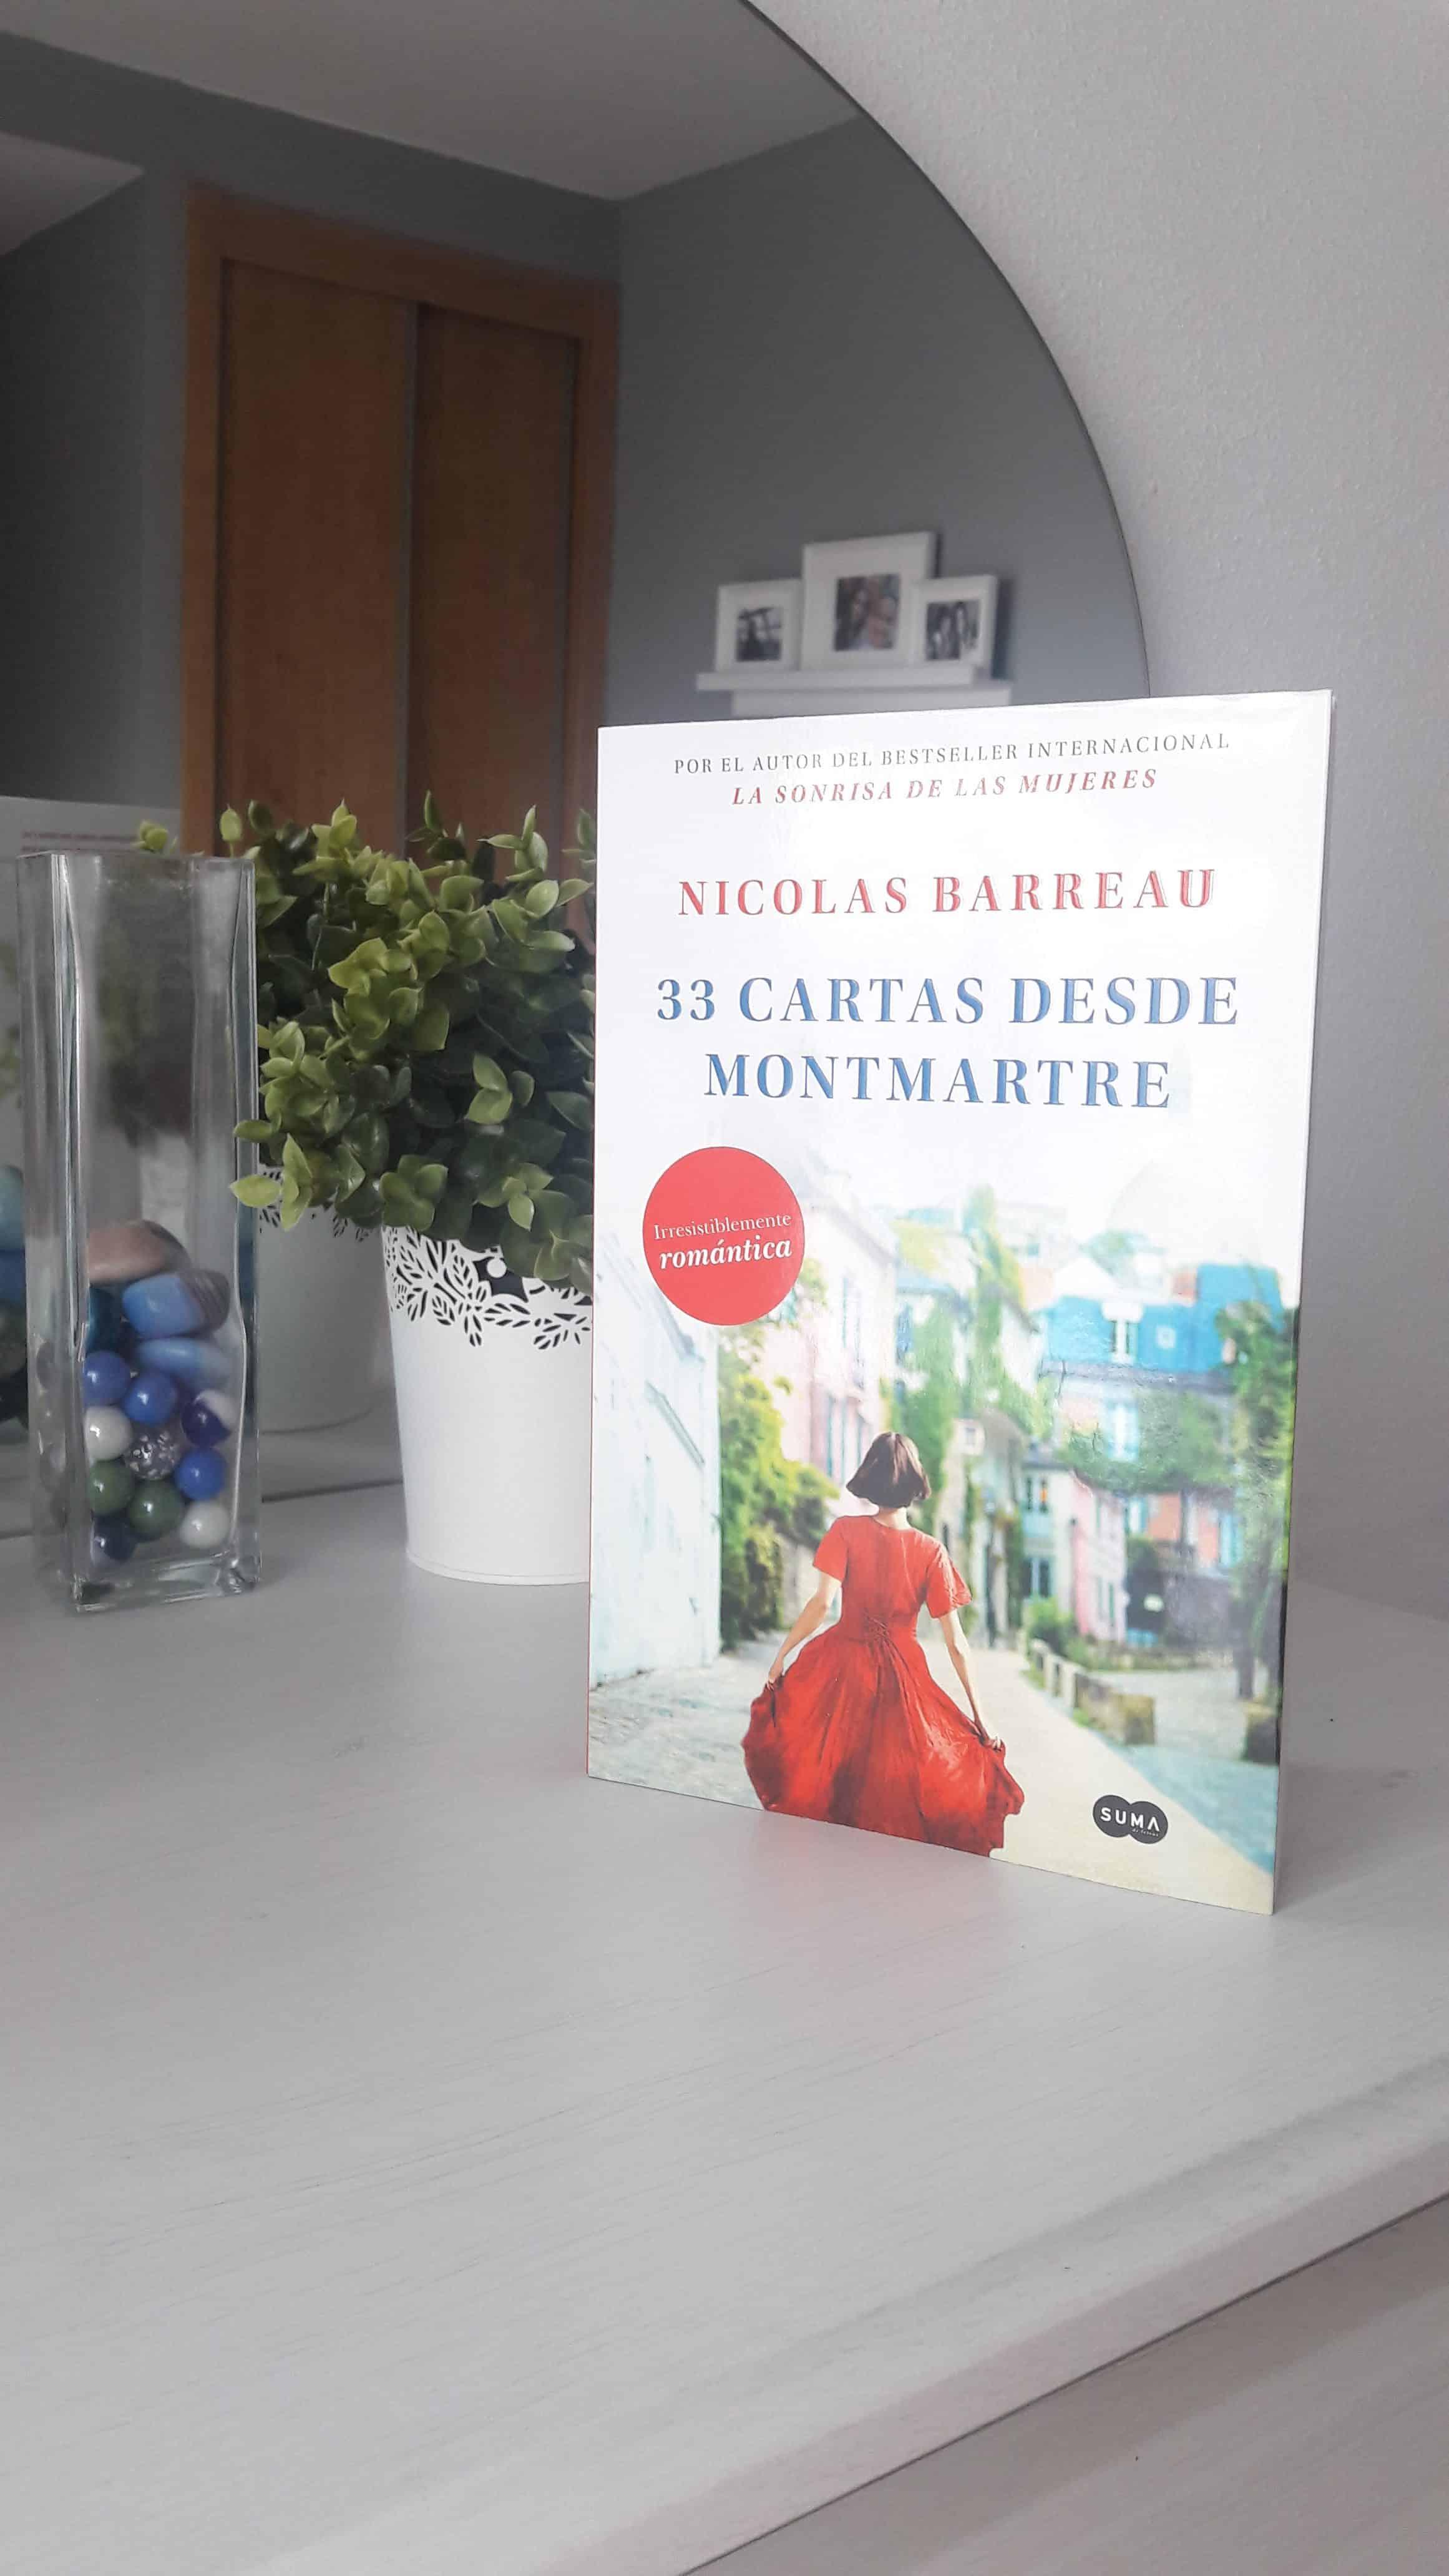 «33 cartas desde Montmartre», de Nicolas Barreau